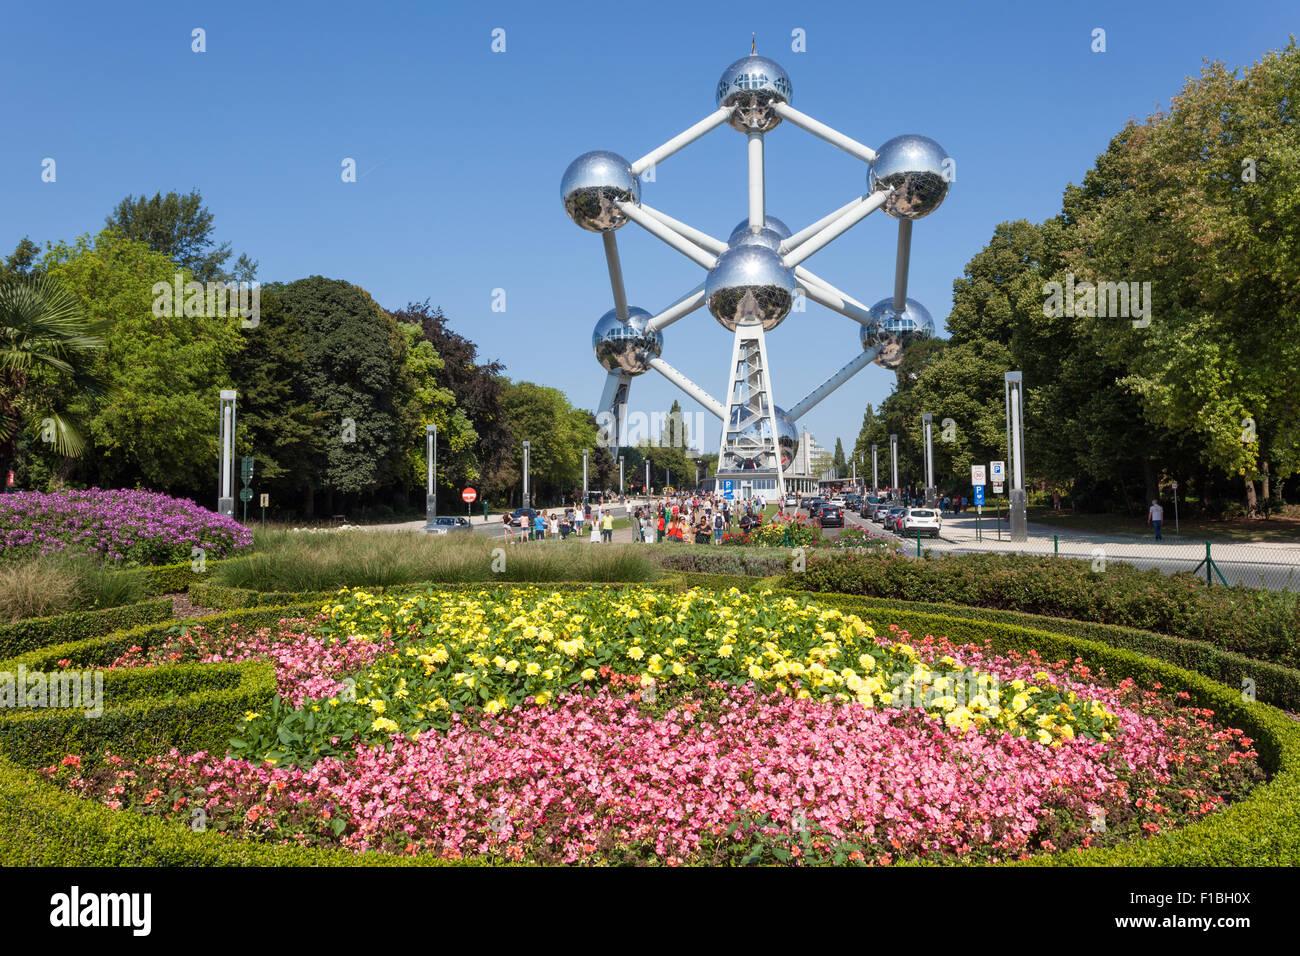 The Atomium in Brussels, Belgium - Stock Image